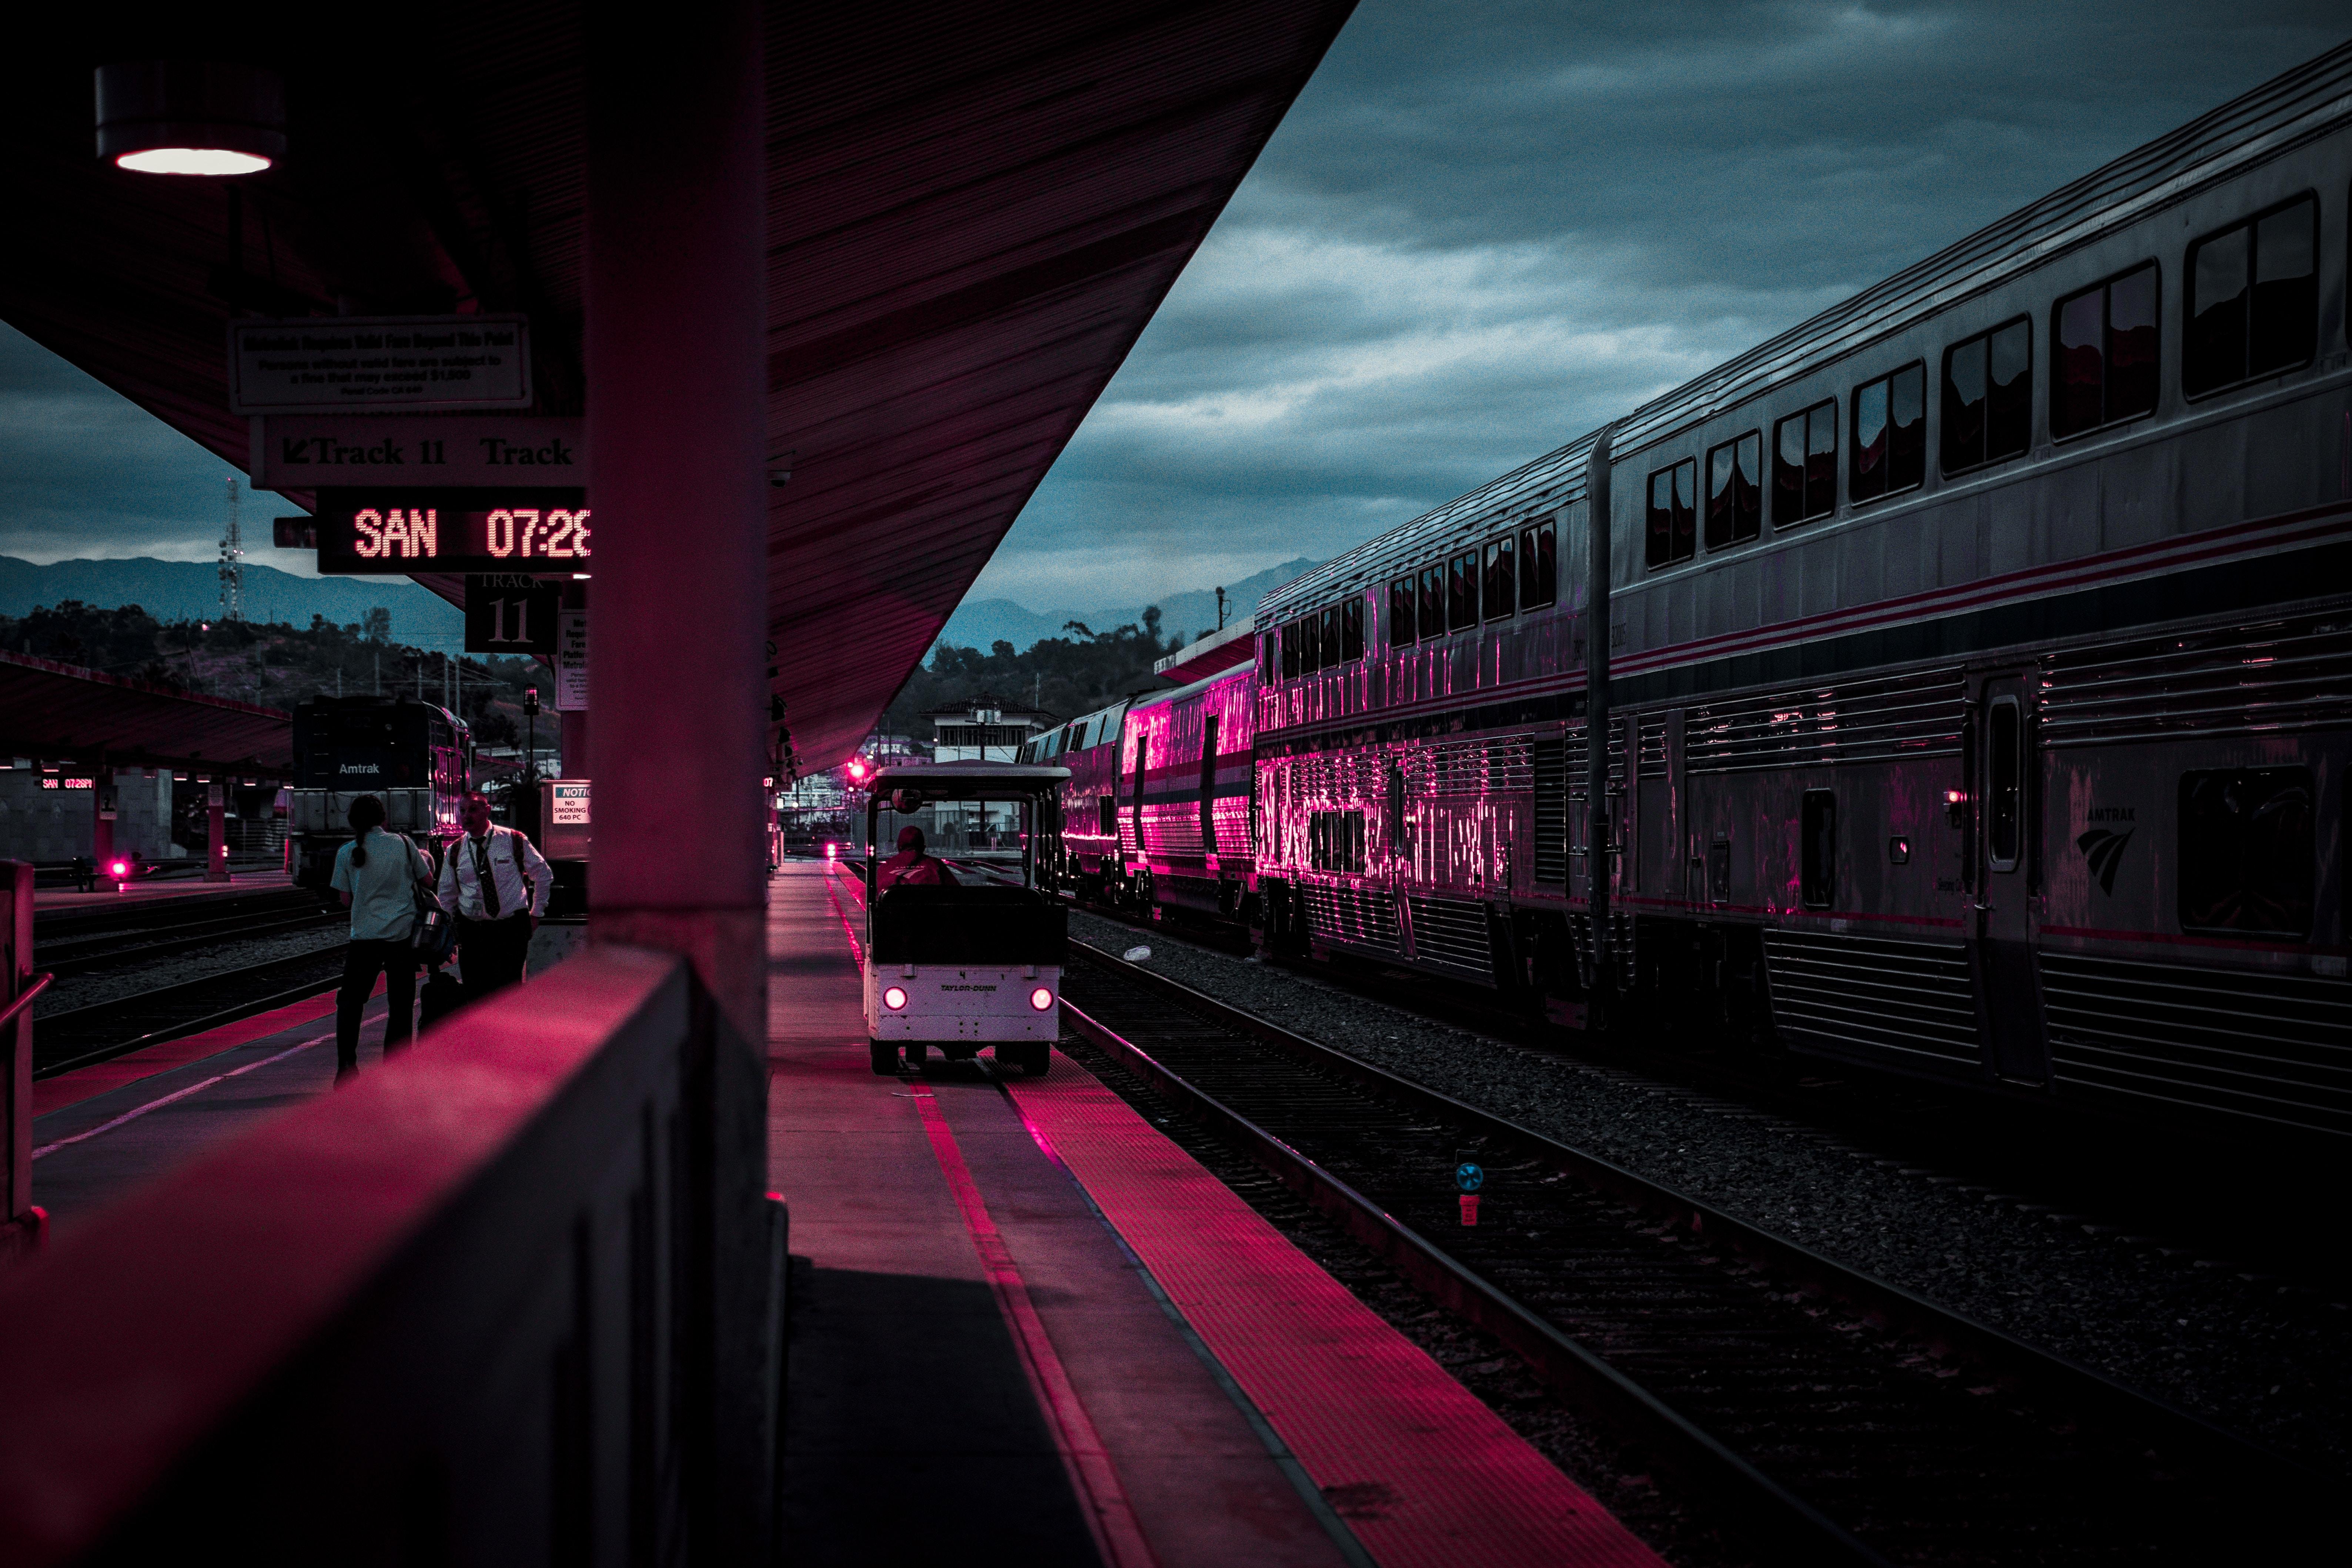 фотографию красивое фото ночные поезда предыдущем посте уже